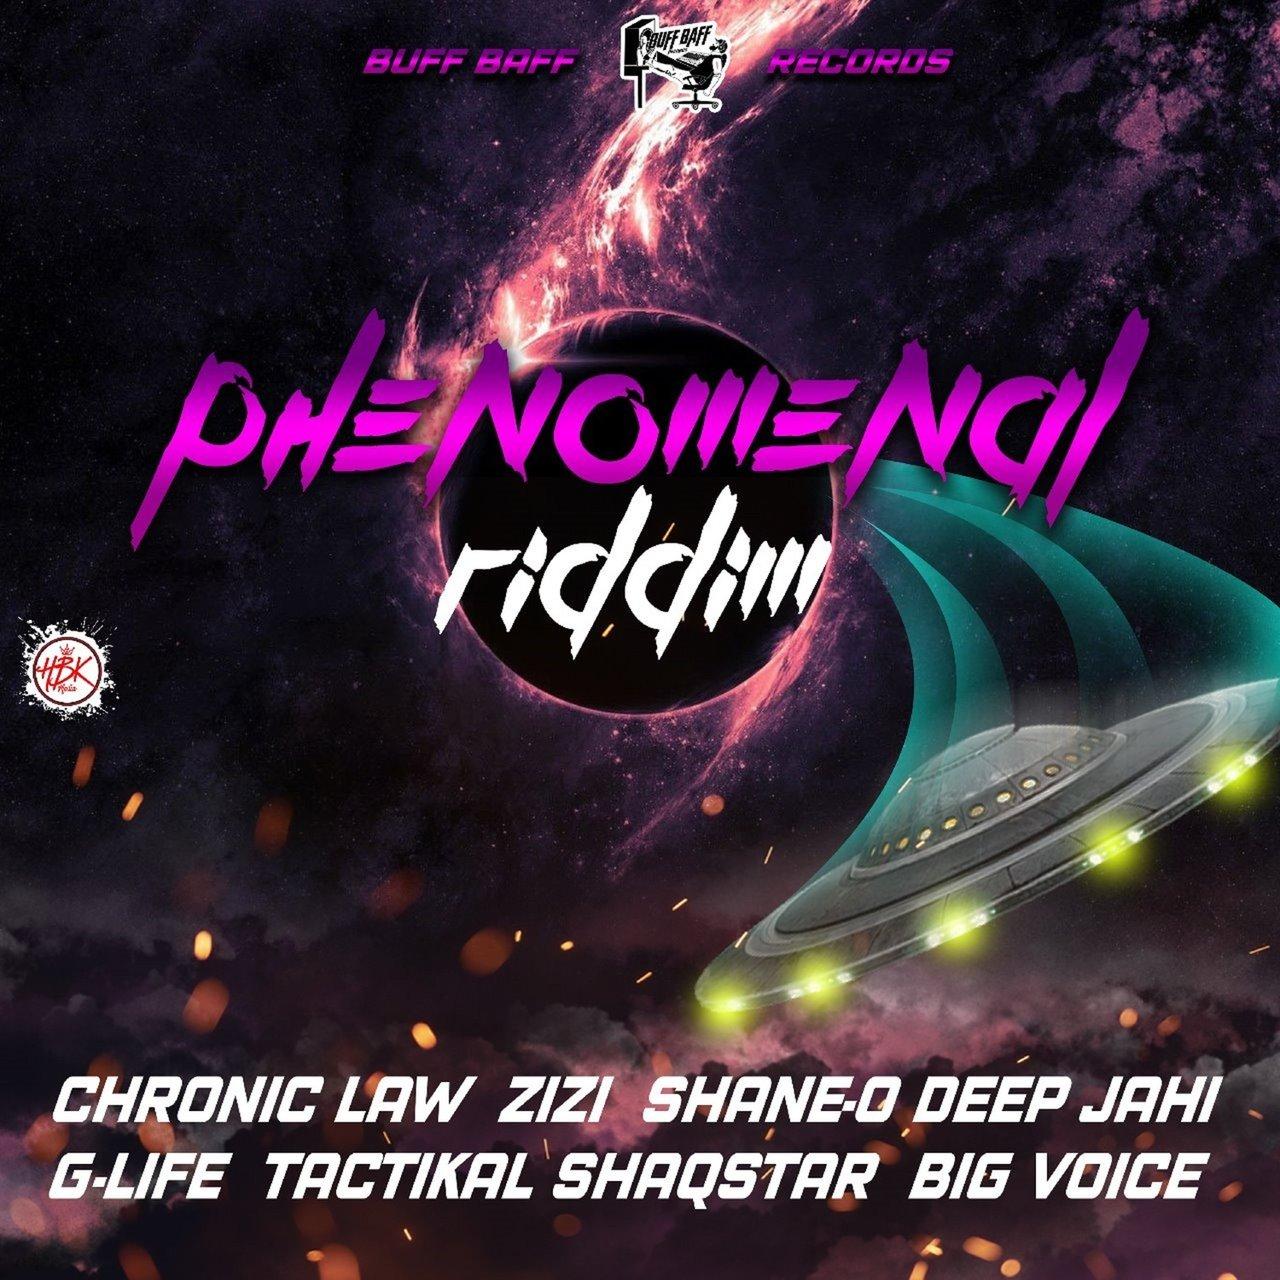 Phenomenal Riddim (Cover)